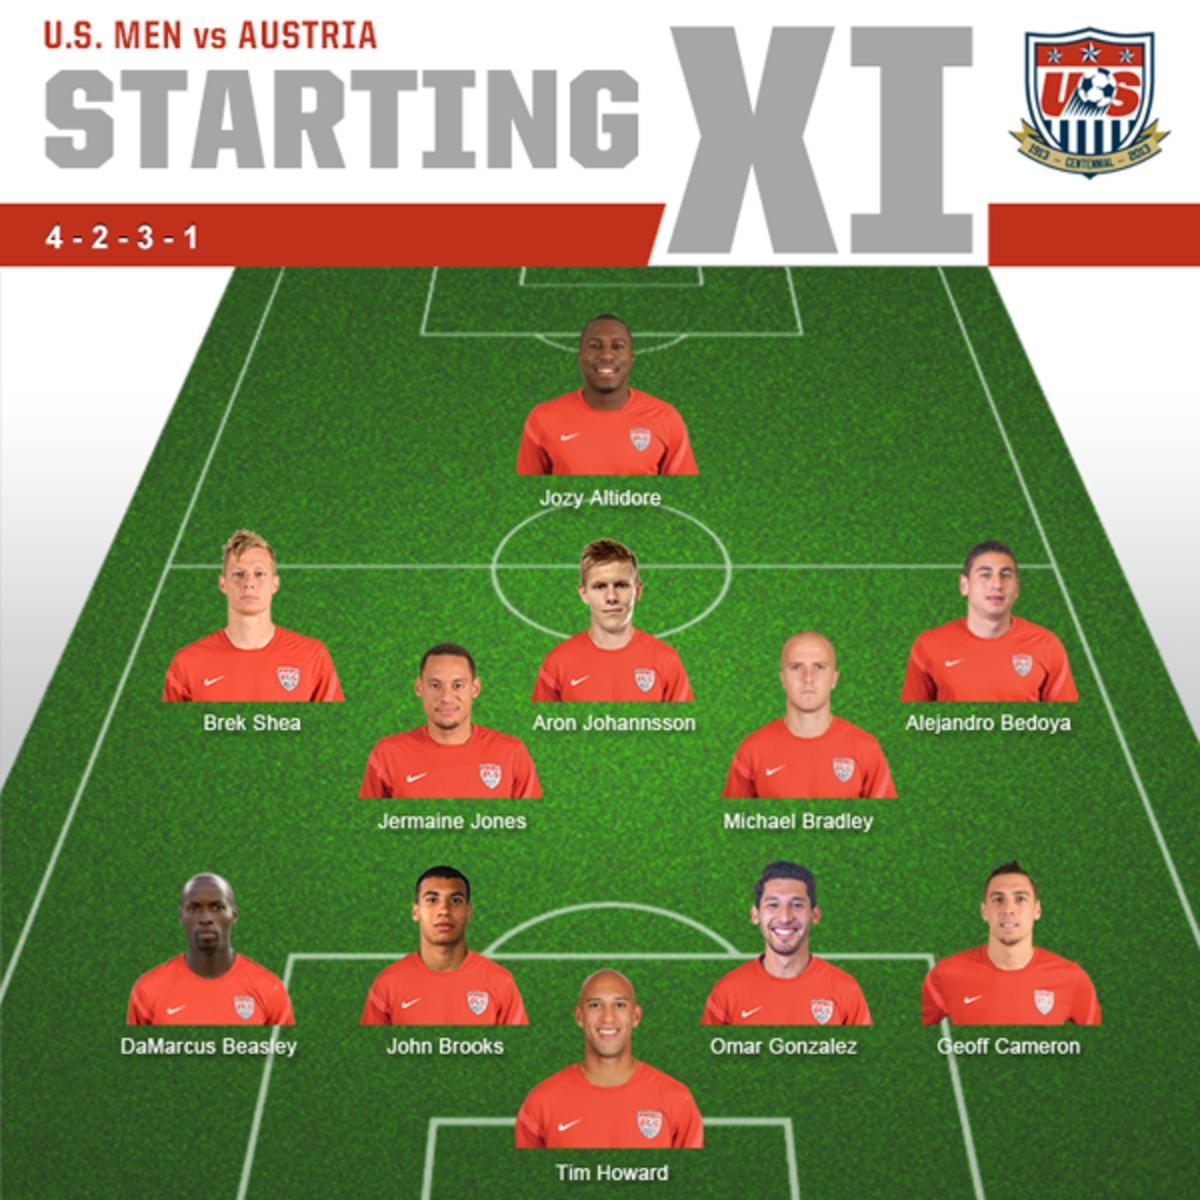 USA lineup vs. Austria